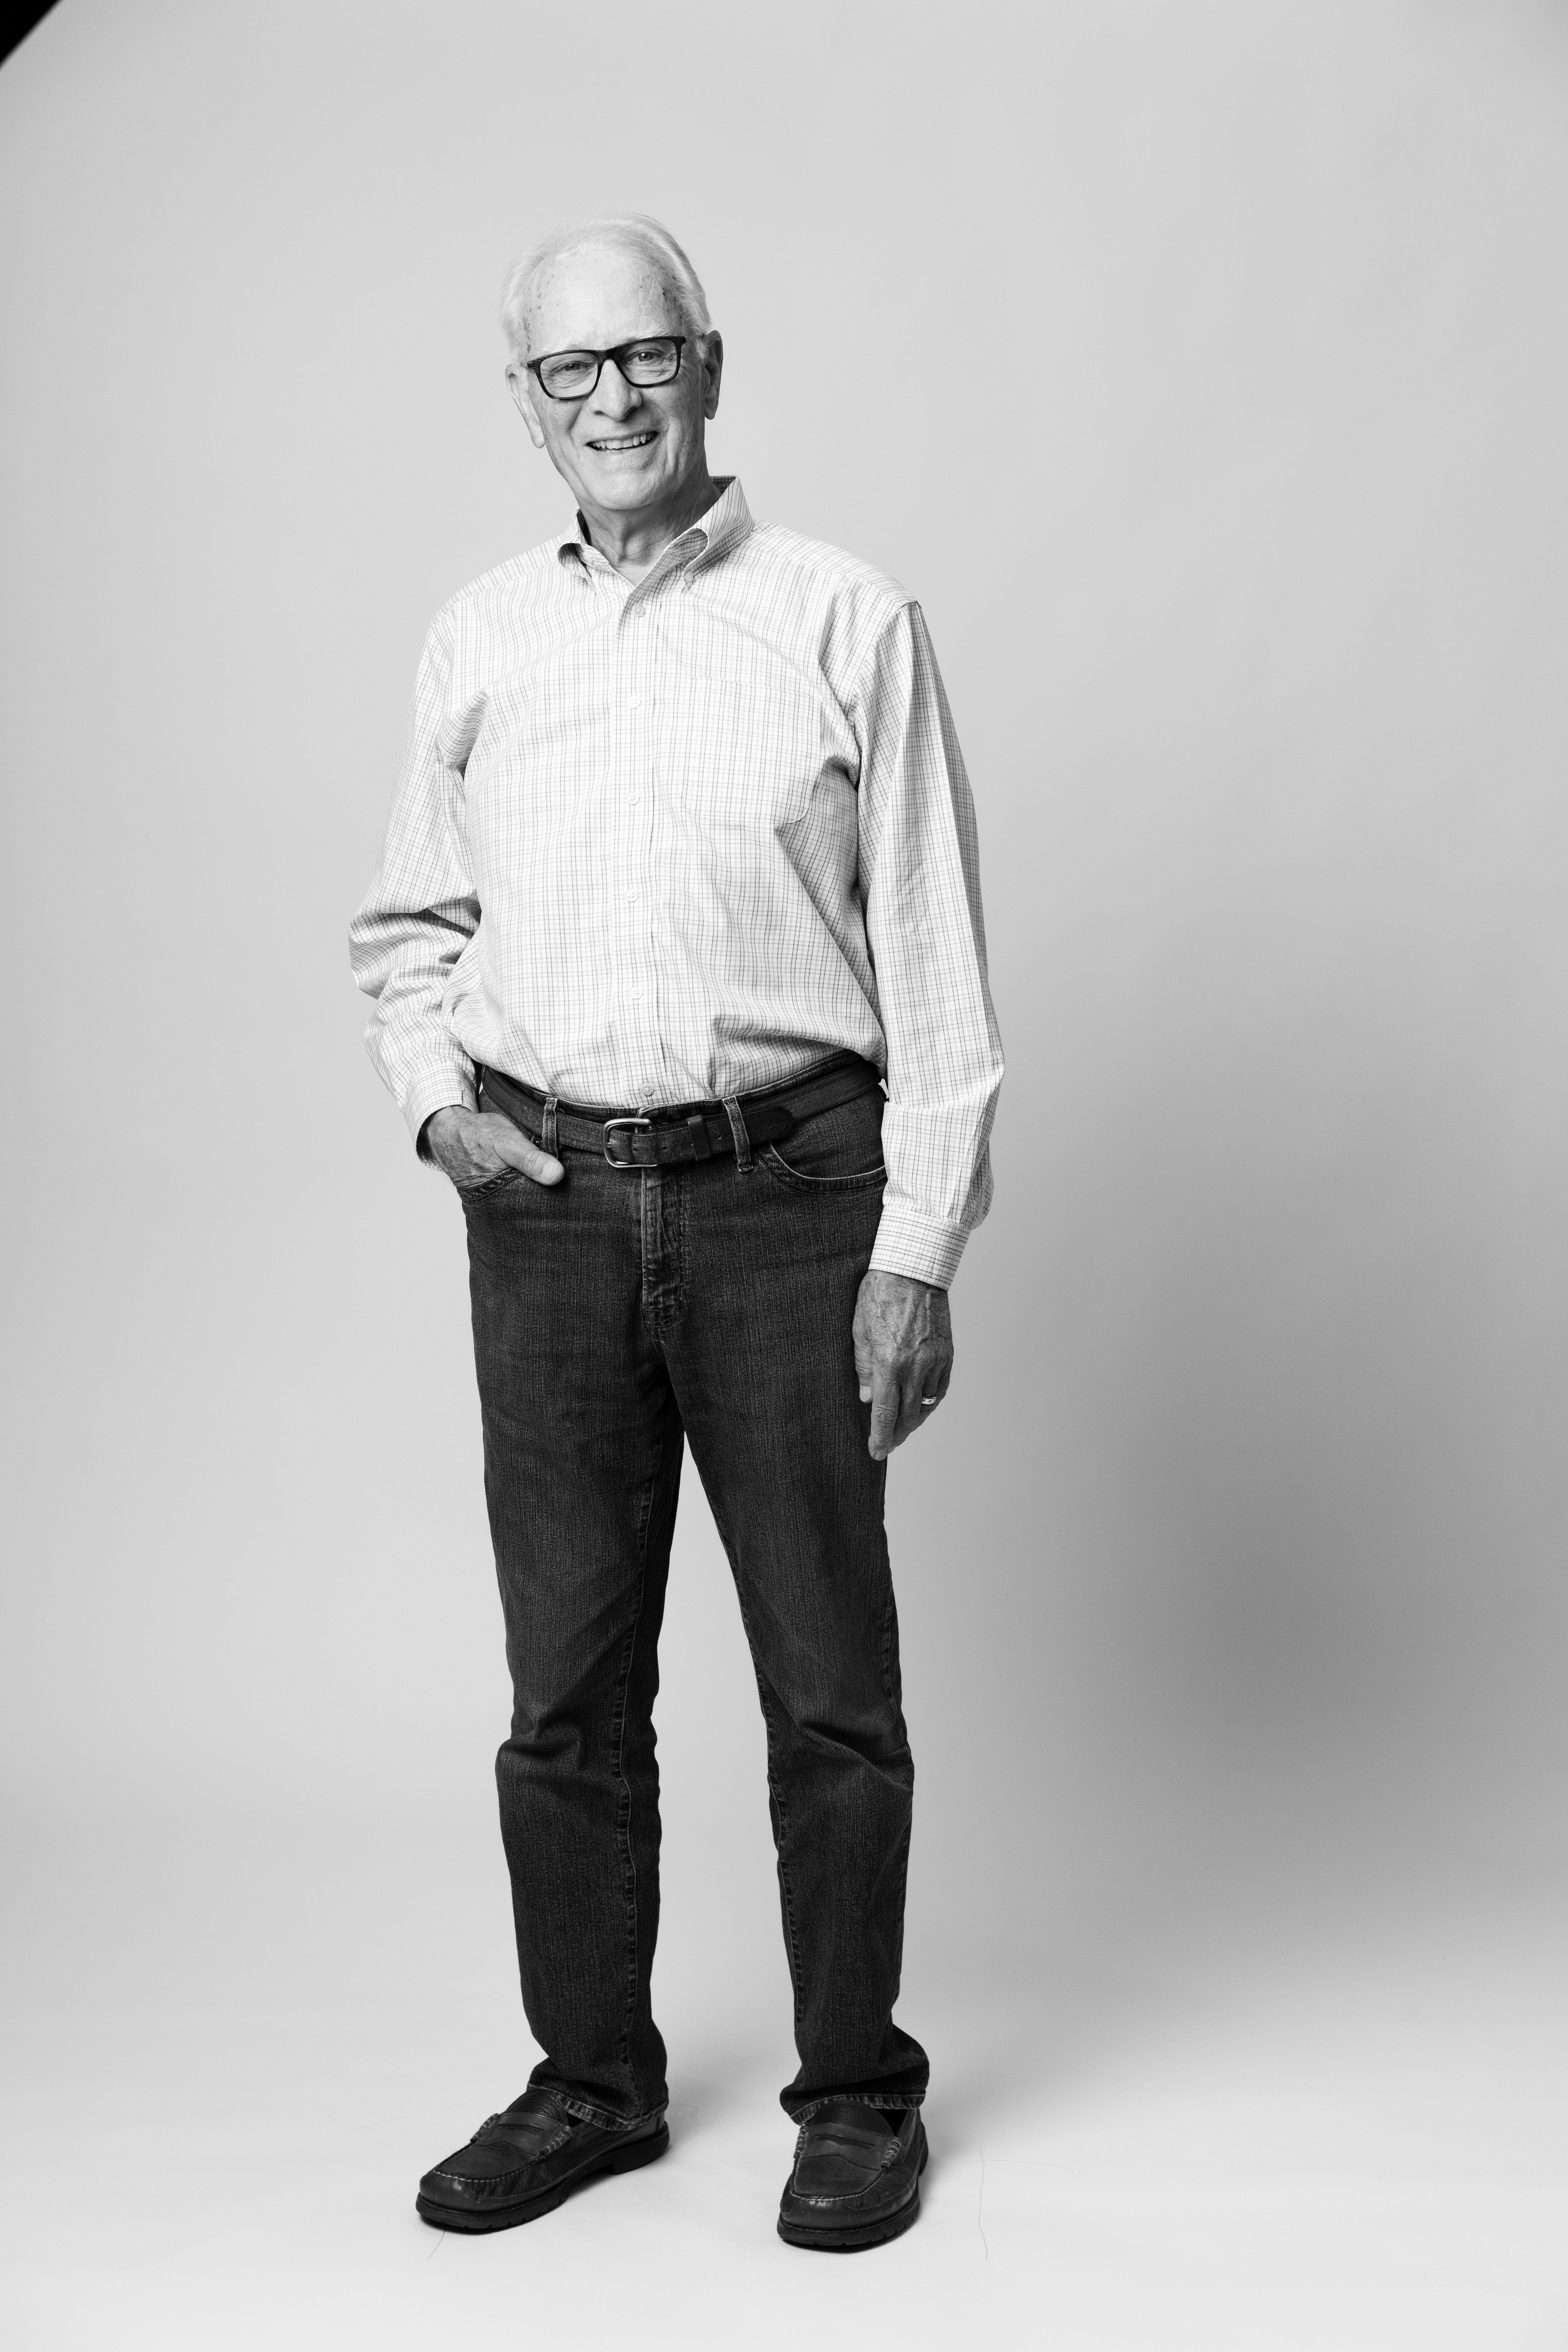 Randy Bretz